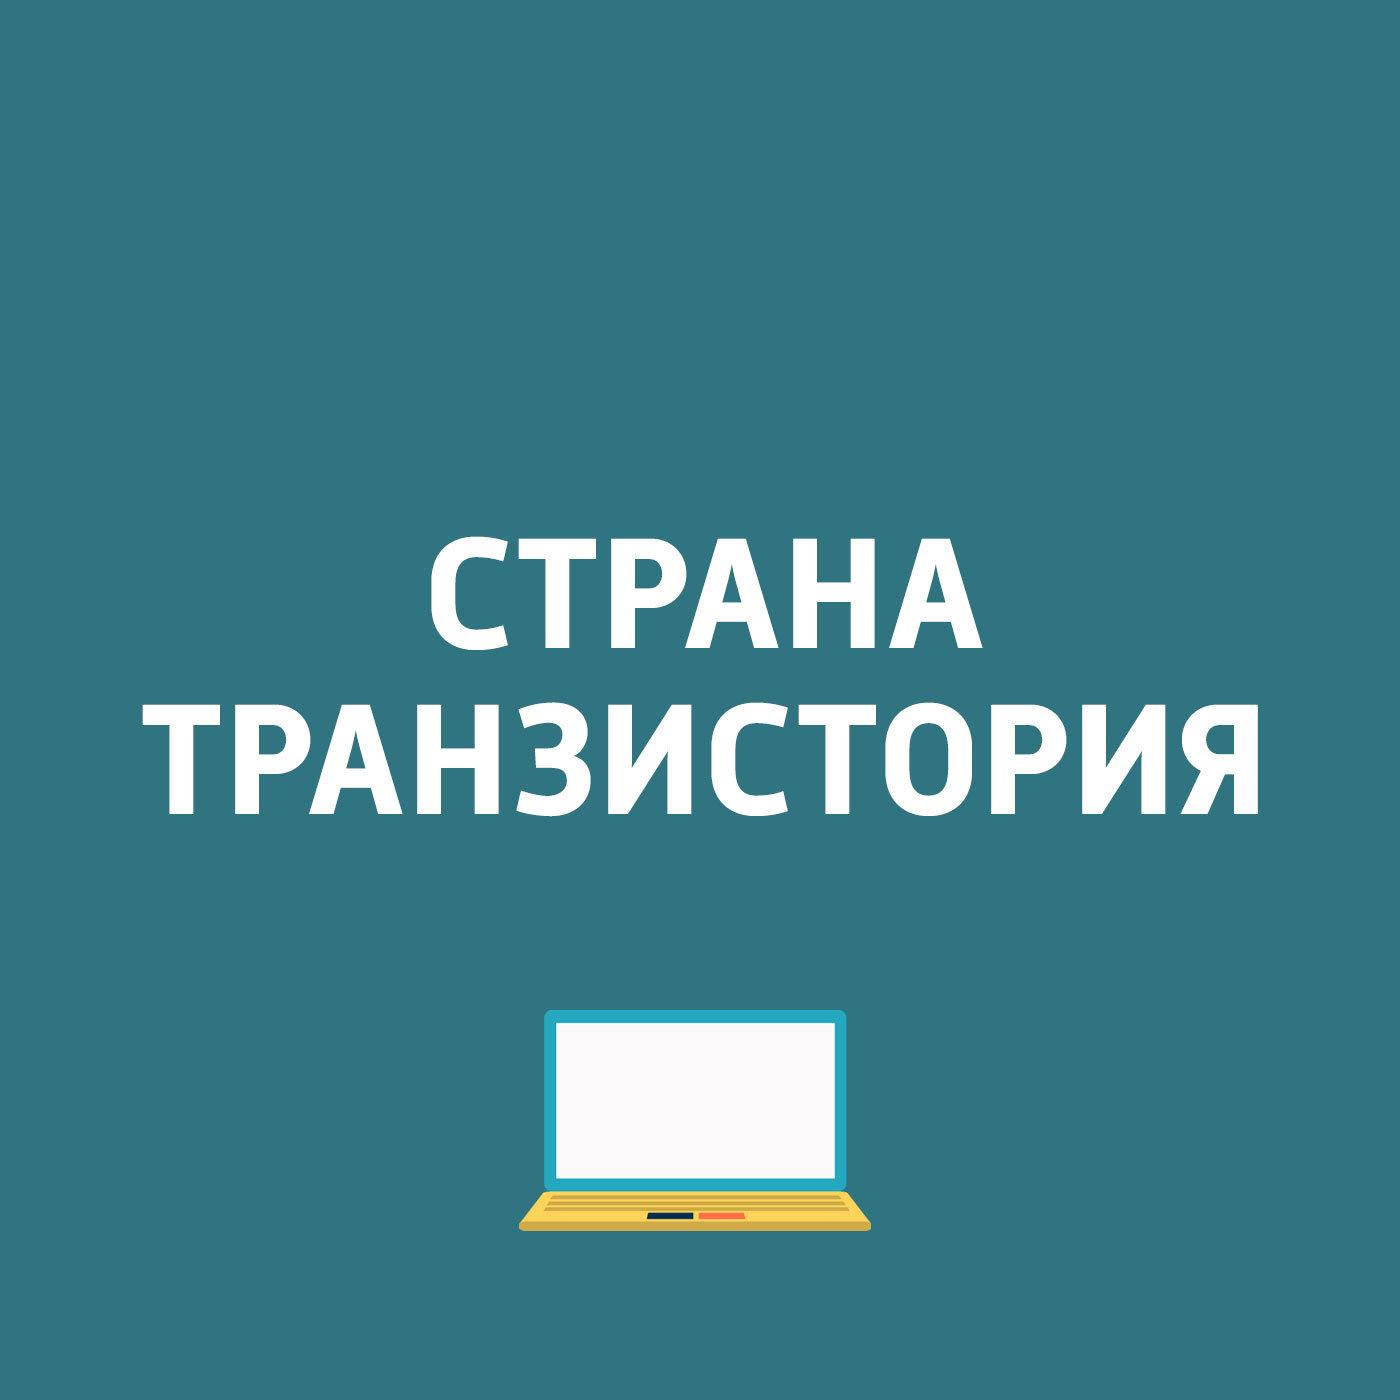 Картаев Павел Начало продаж смартфона Nokia 2.1 в России; Устройства для охлаждения людей в жару; Полная приватность личных страниц ВКонтакте картаев павел hmd global выпустила смартфон nokia 8 eset обнаружила вирус для устройств на андроиде